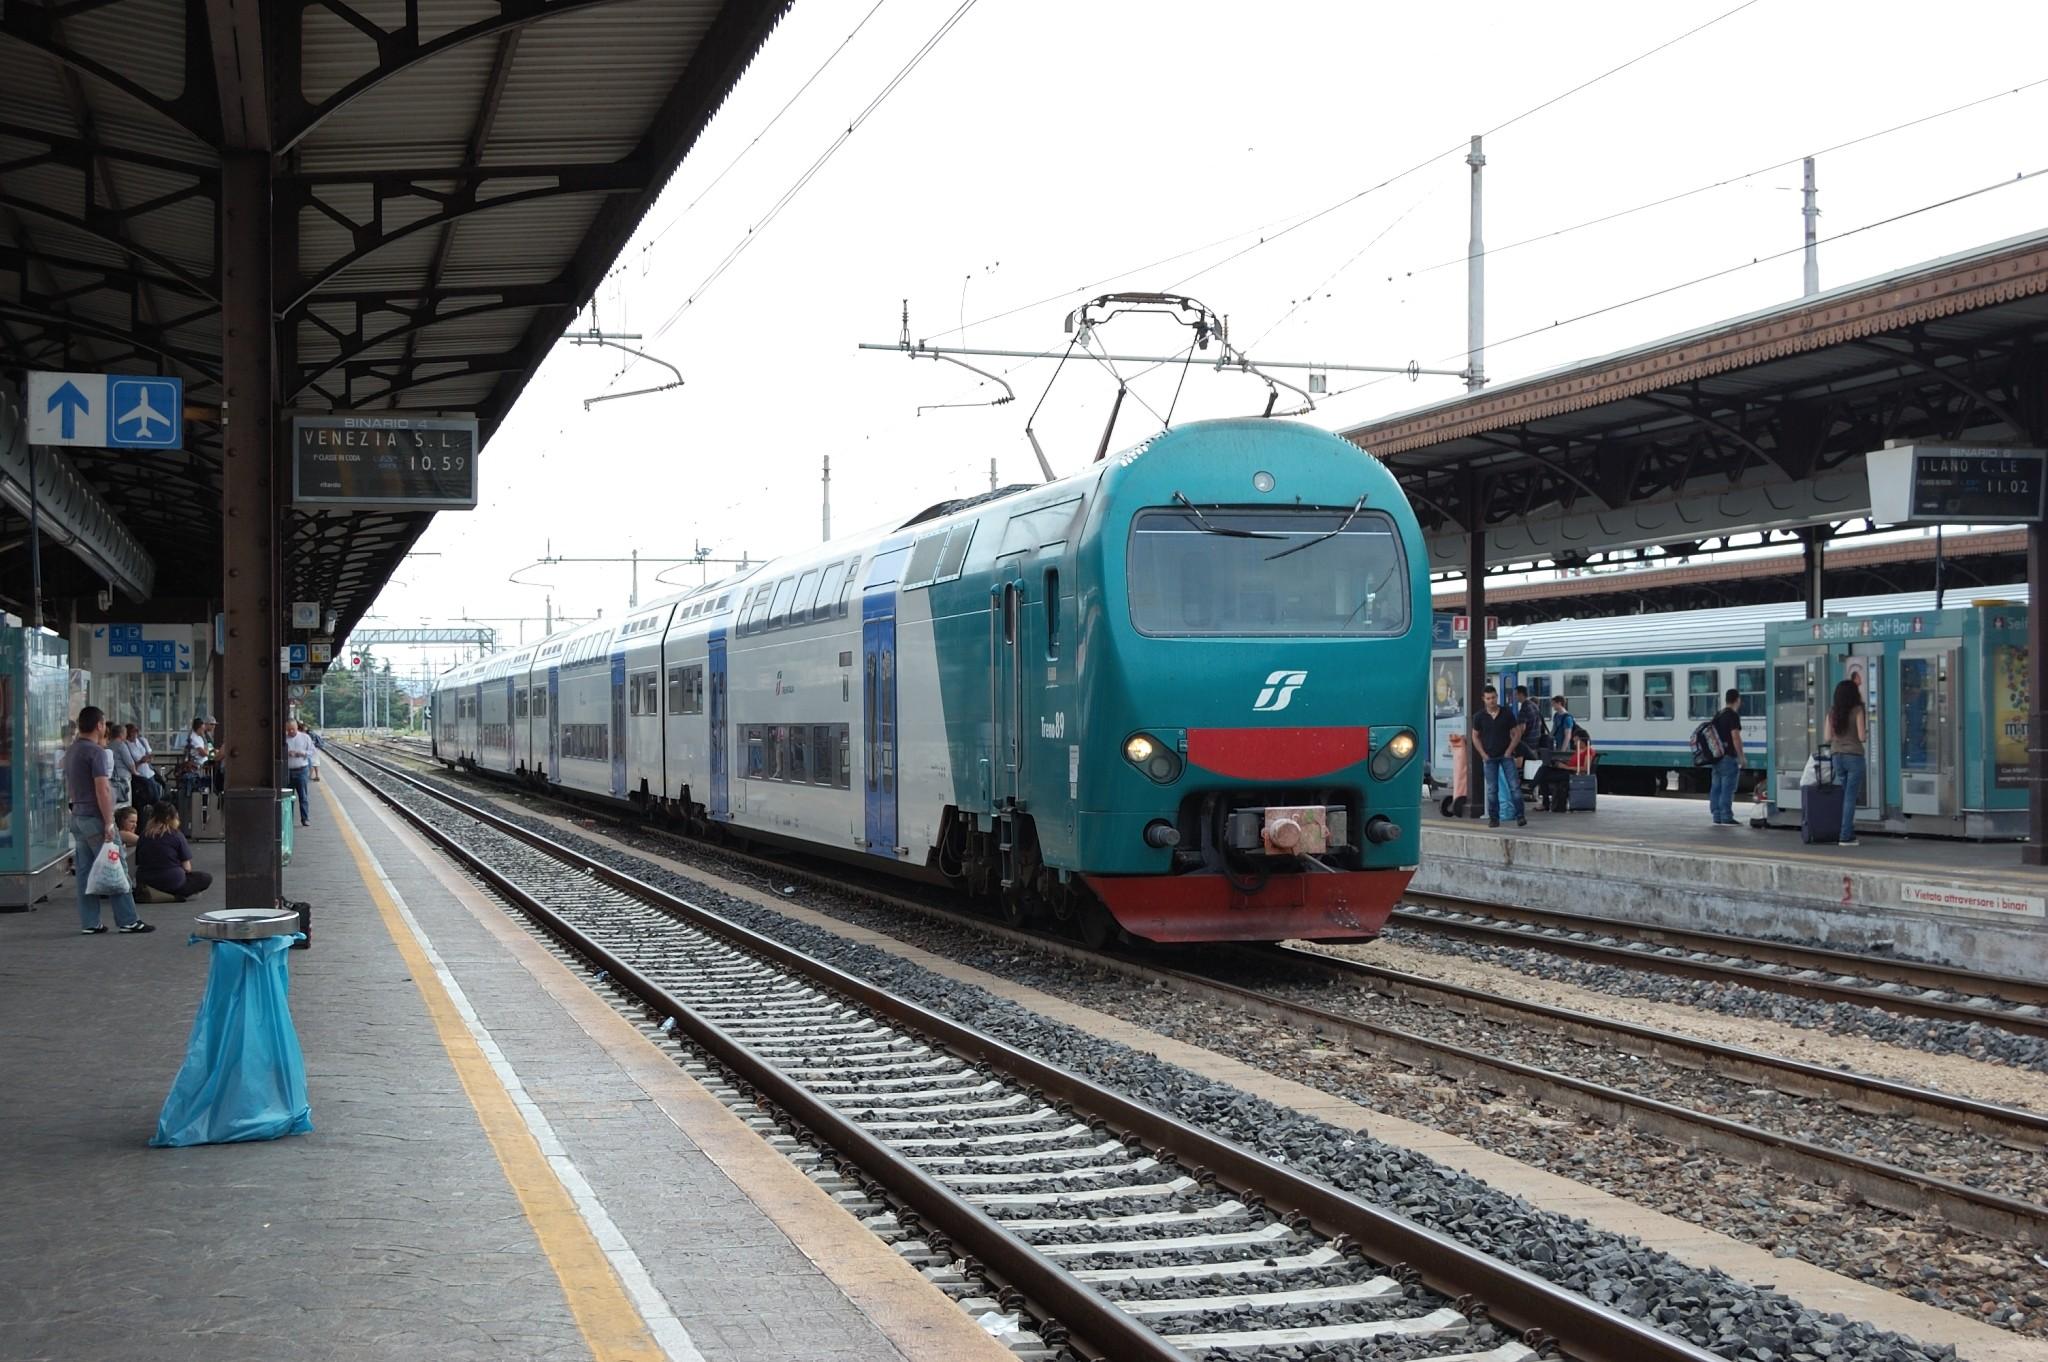 Taf in sosta a Verona Porta Nuova - Foto Giovanni Pighini